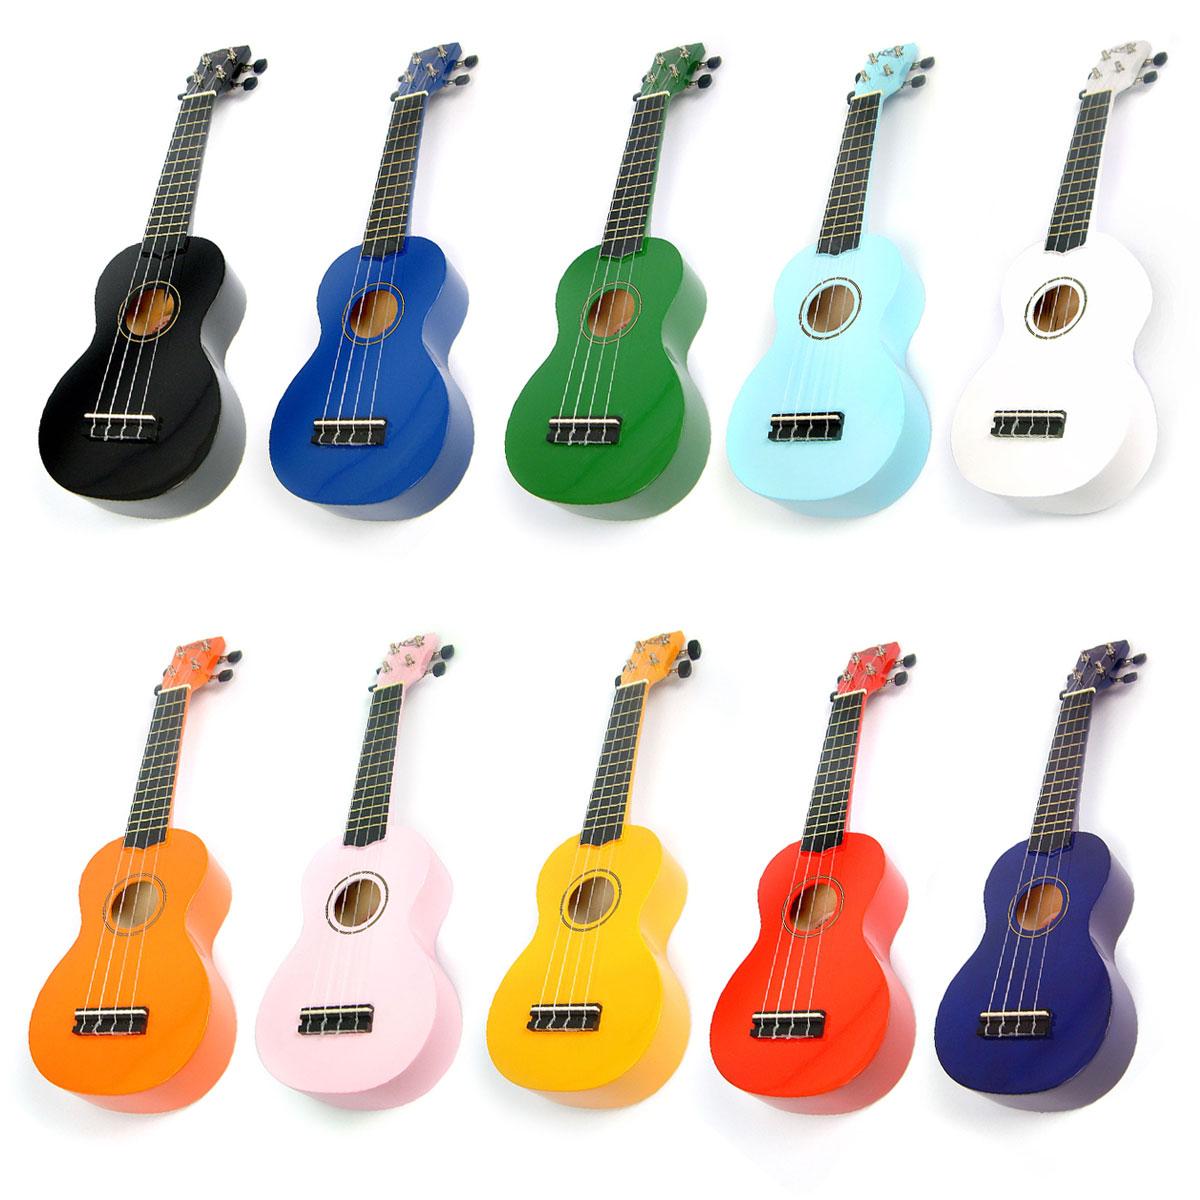 uke boutique amsterdams ukulele store  school